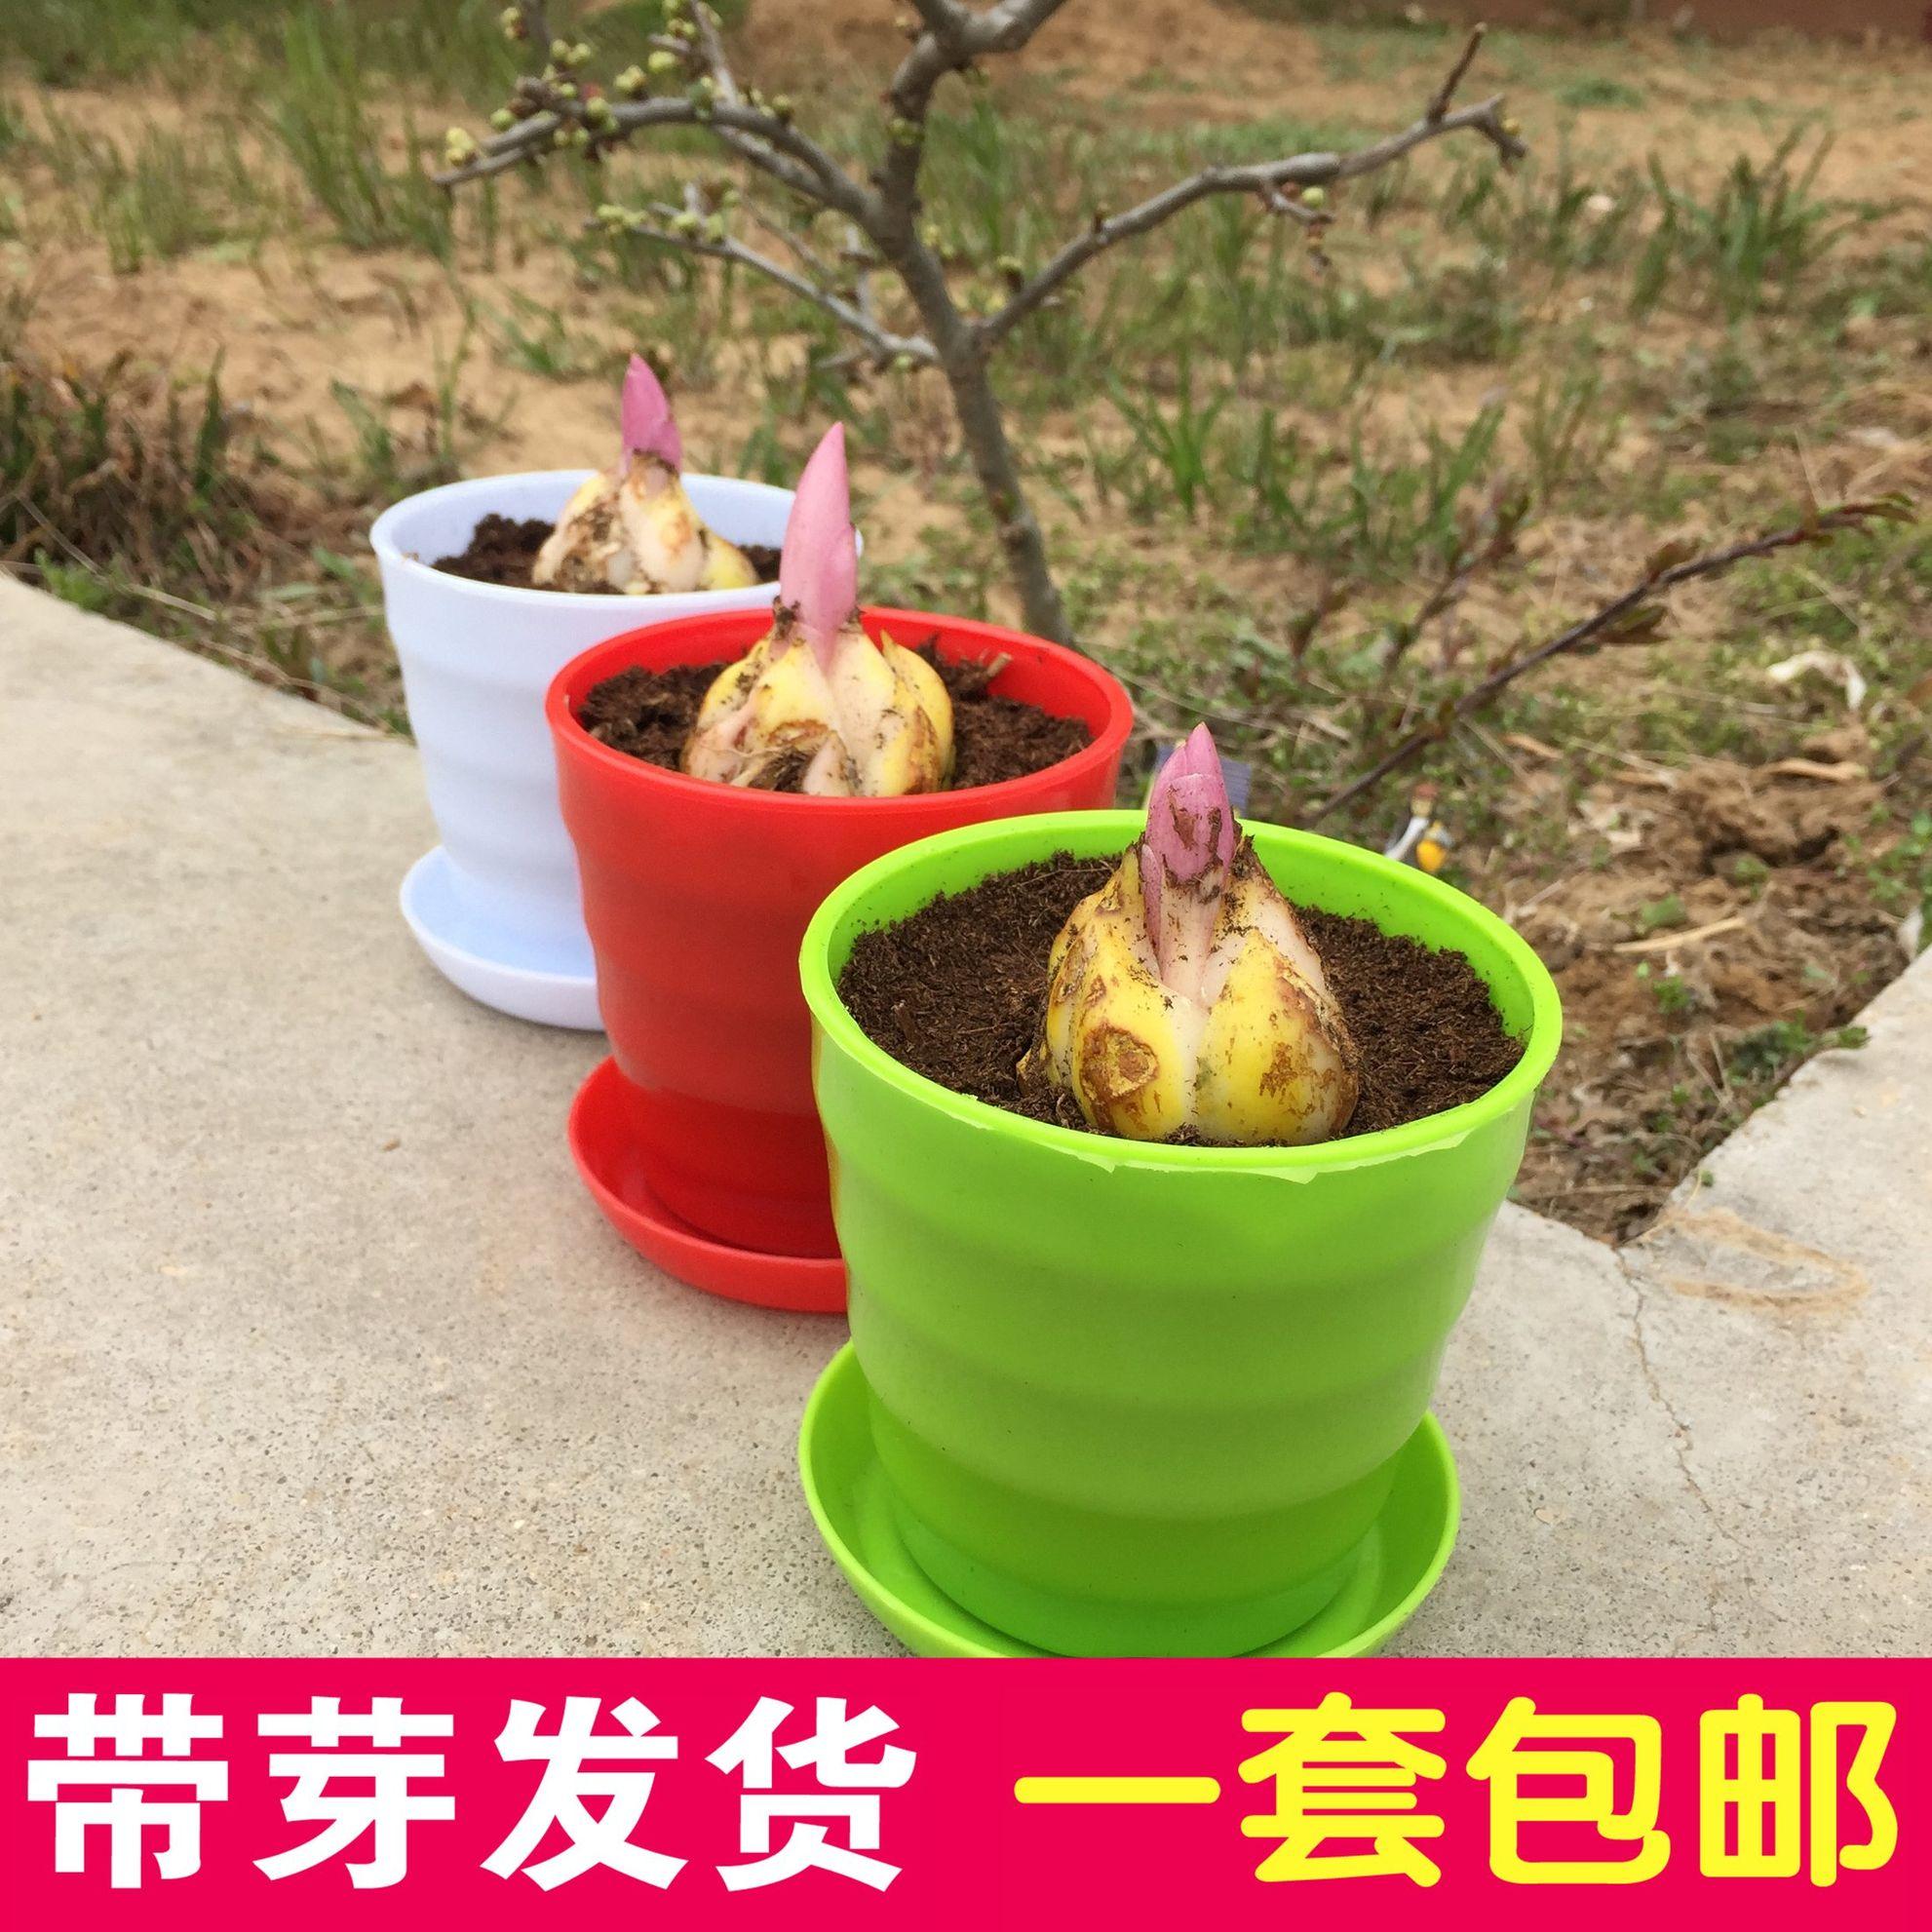 进口香水百合种球百合花种球百合花苗 绿植盆栽花卉植物含盆套餐